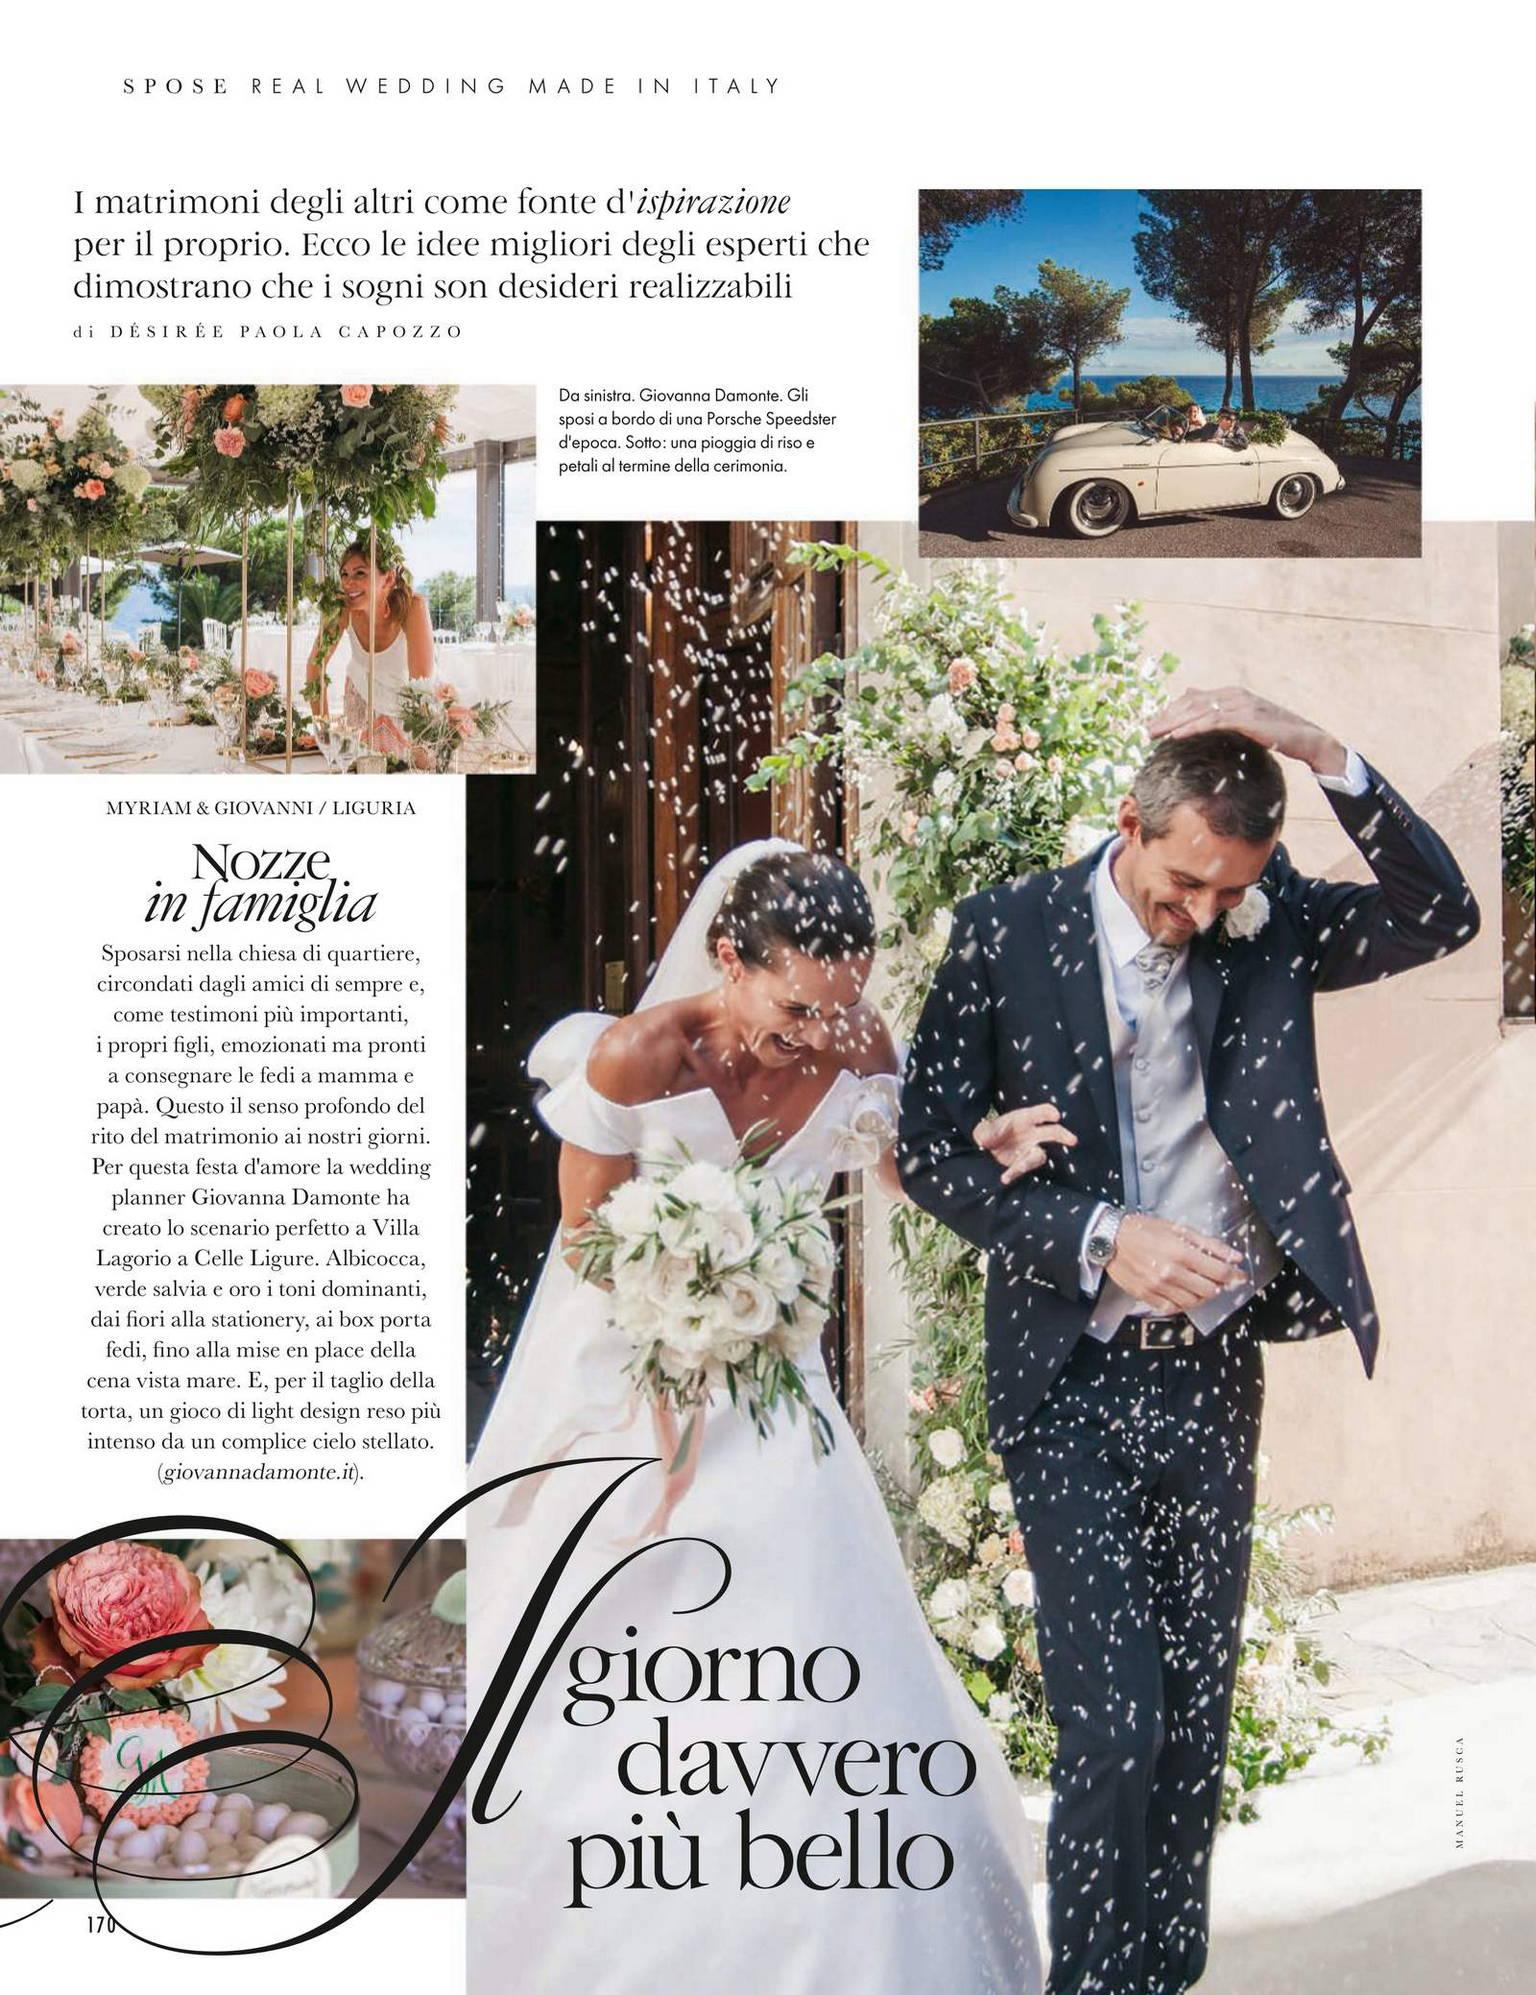 La rivista Elle Spose Altelier che parla di Giovanna Damonte